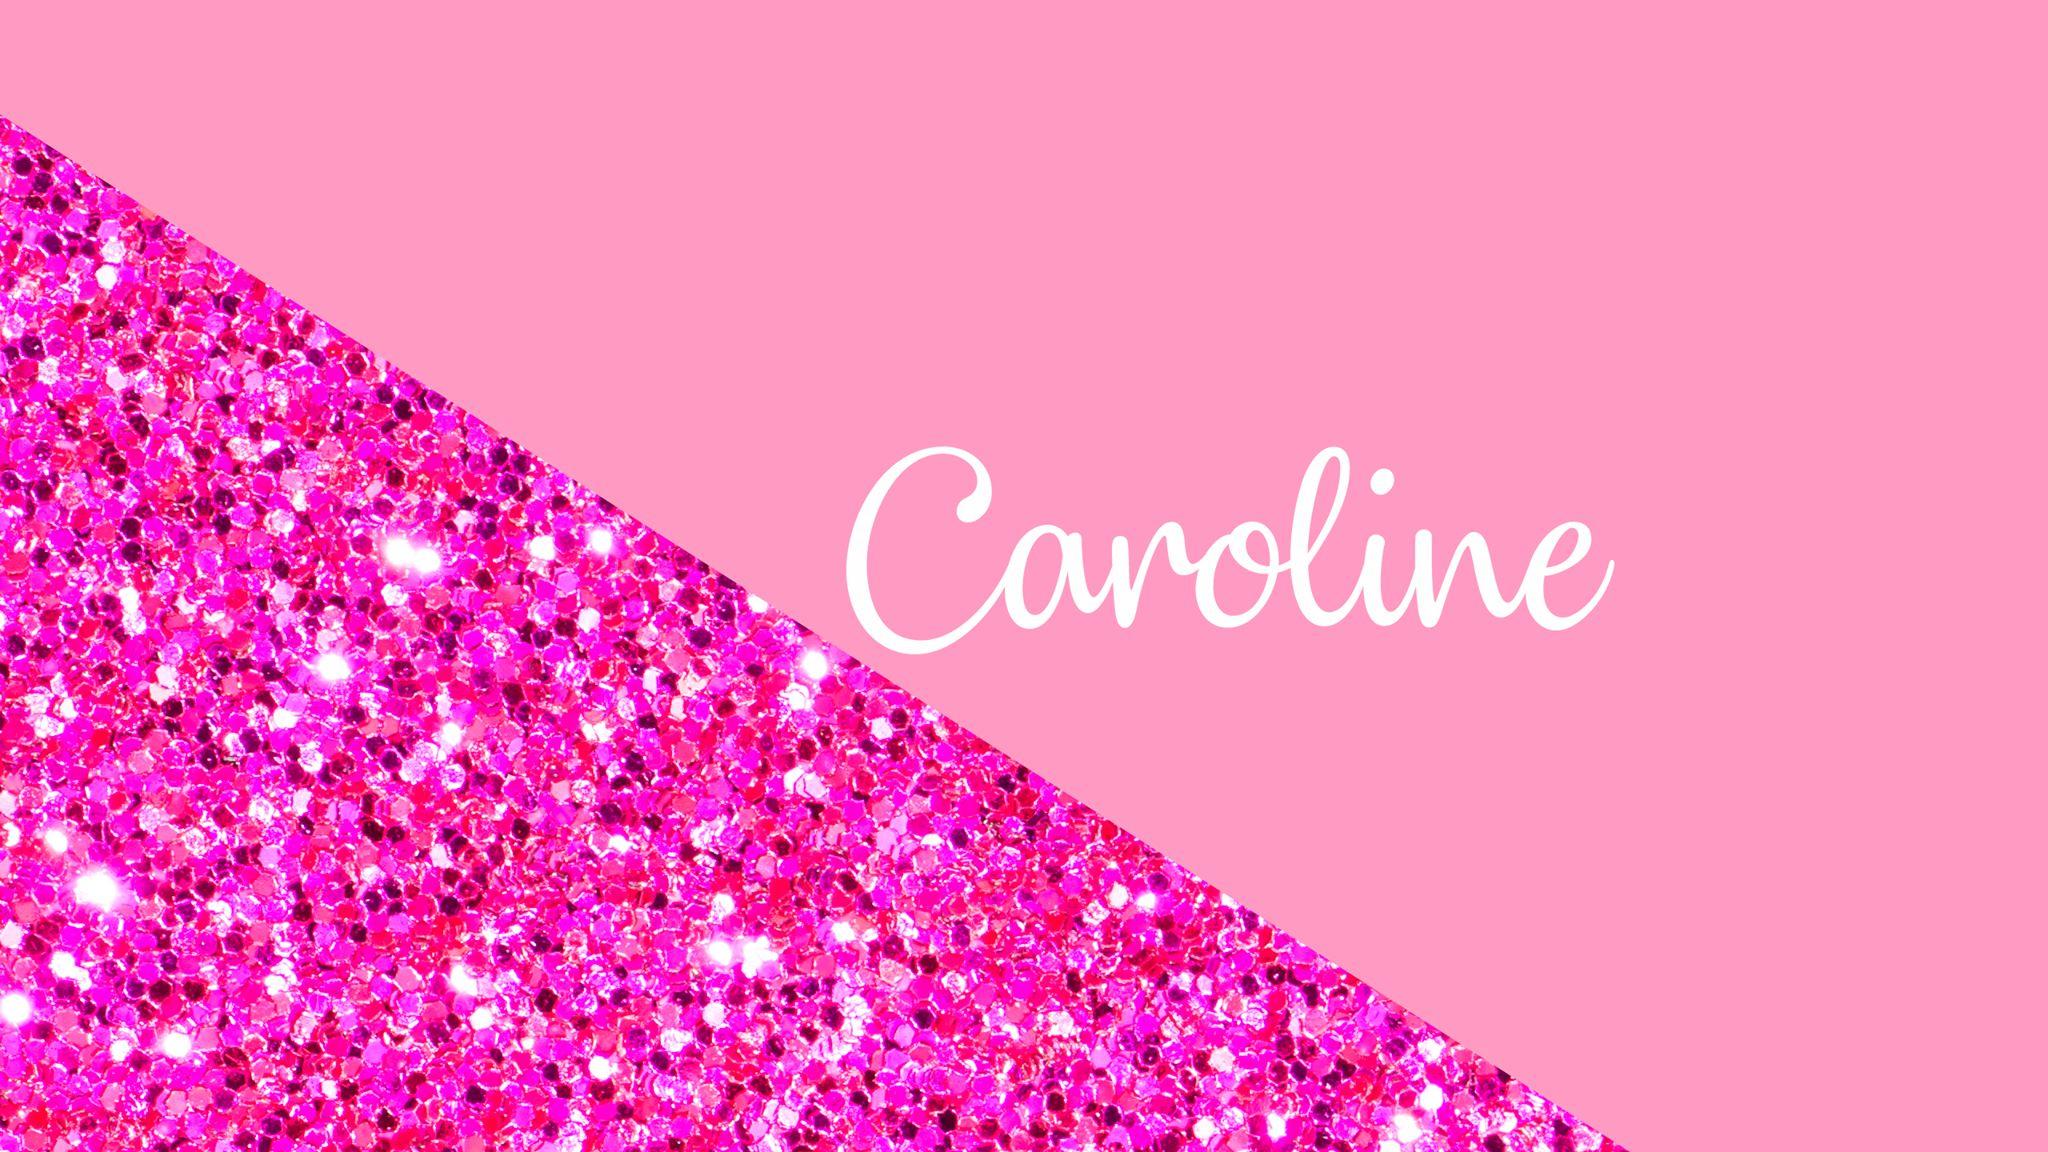 CAROLINE - Pretend Lyrics